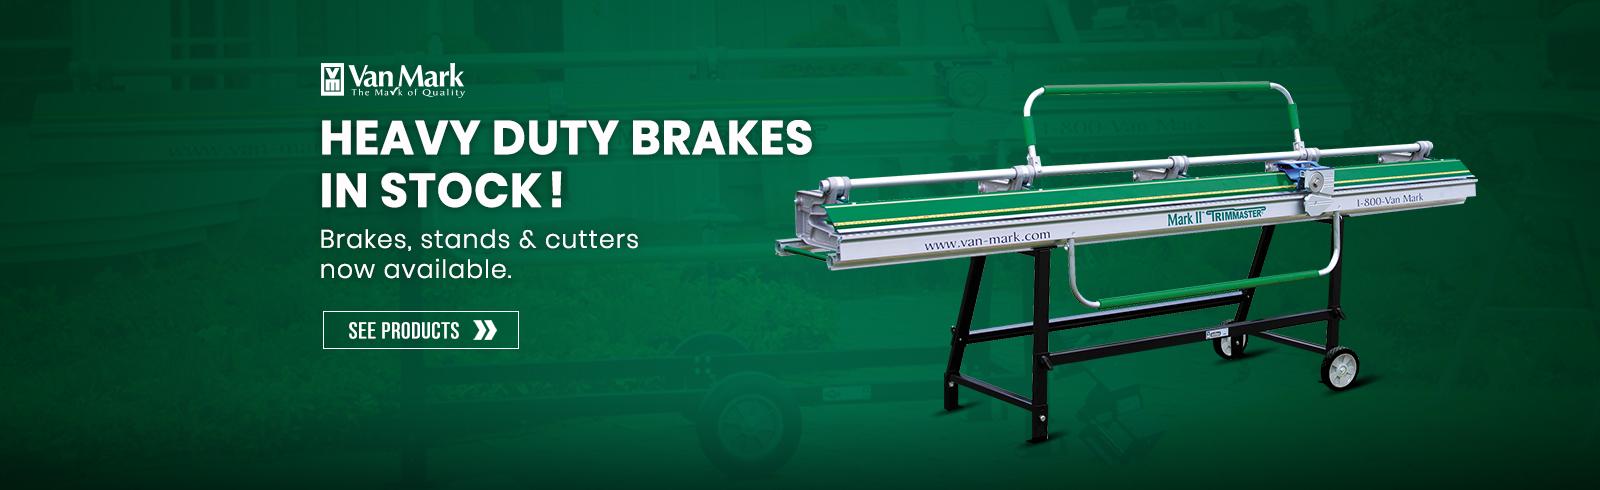 Heavy Duty Brakes in stock!